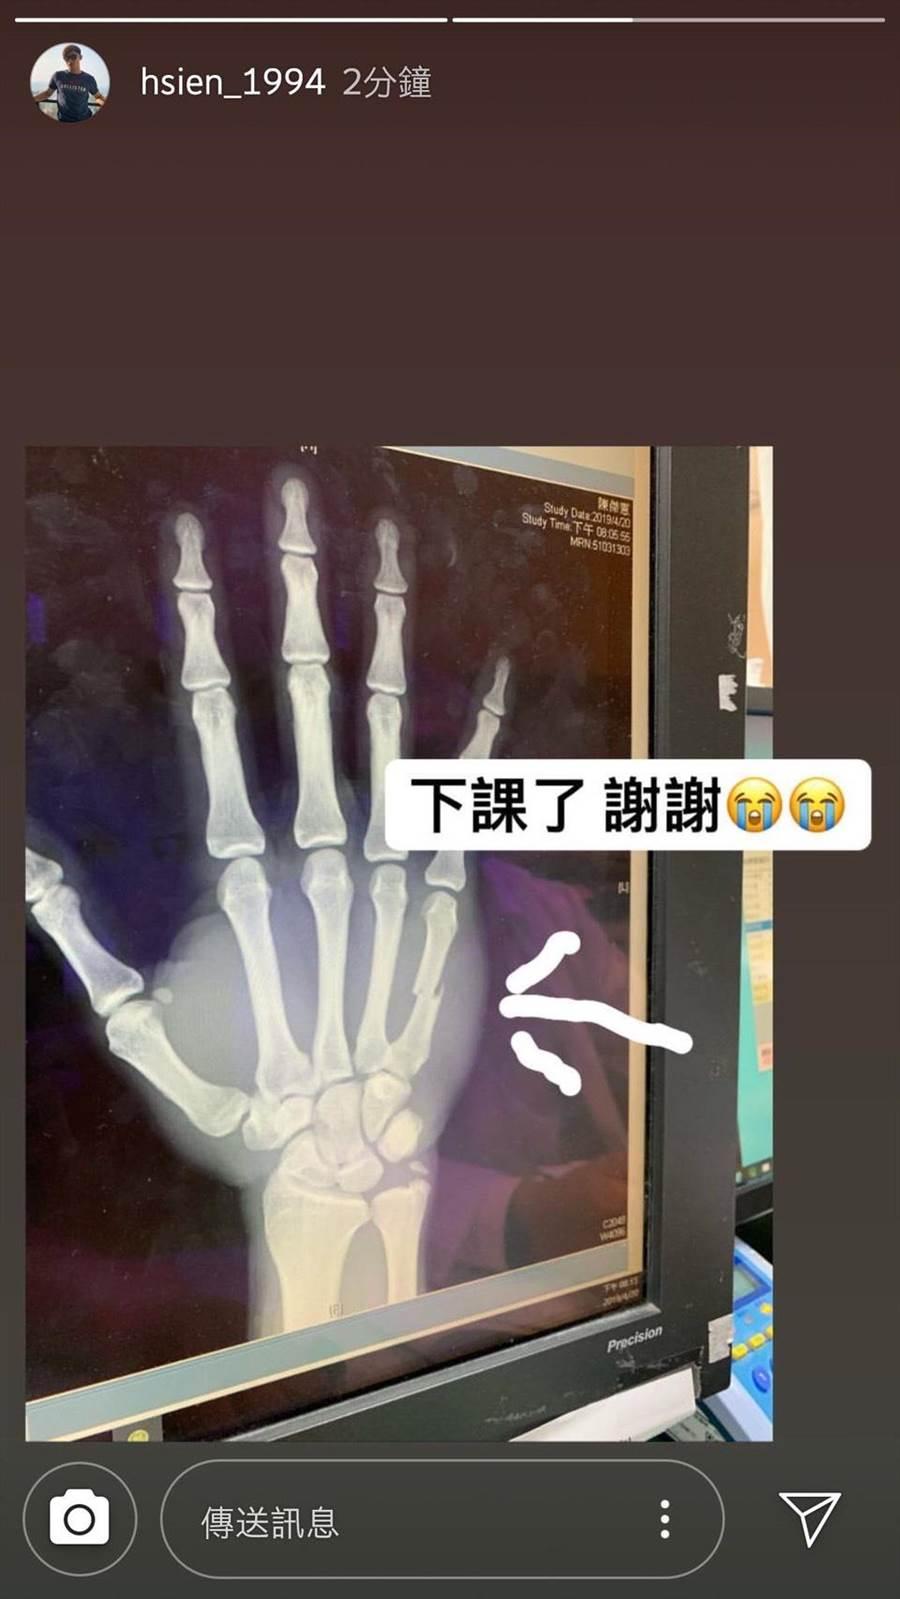 陳傑憲在社群平台貼出X光照片。(翻攝陳傑憲IG)